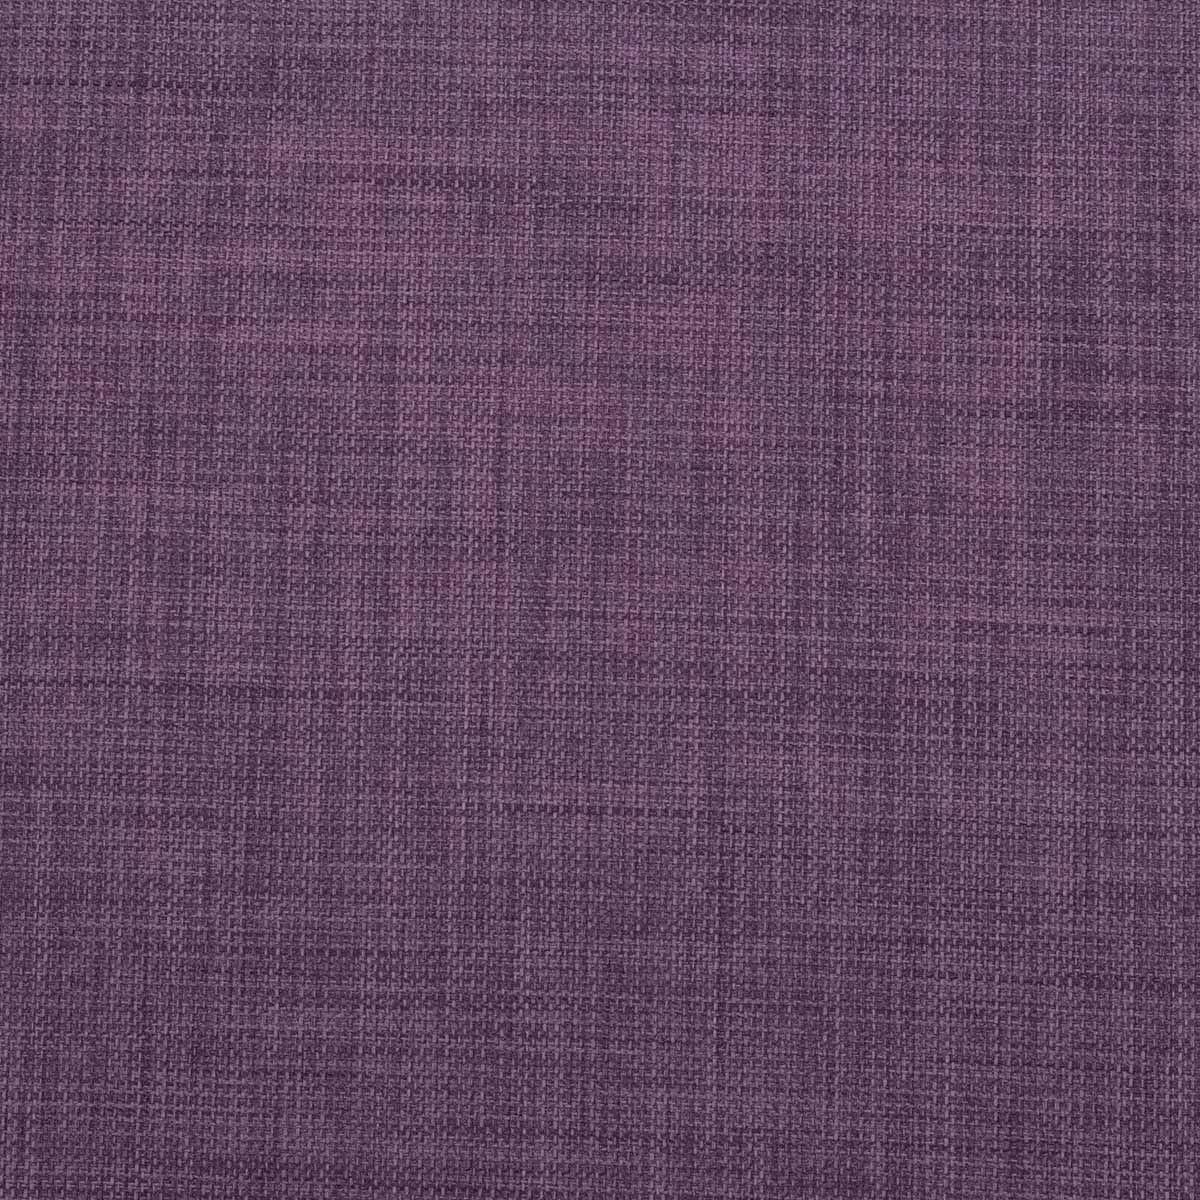 soft sofa material cb2 apartment plain linen look designer curtain cushion